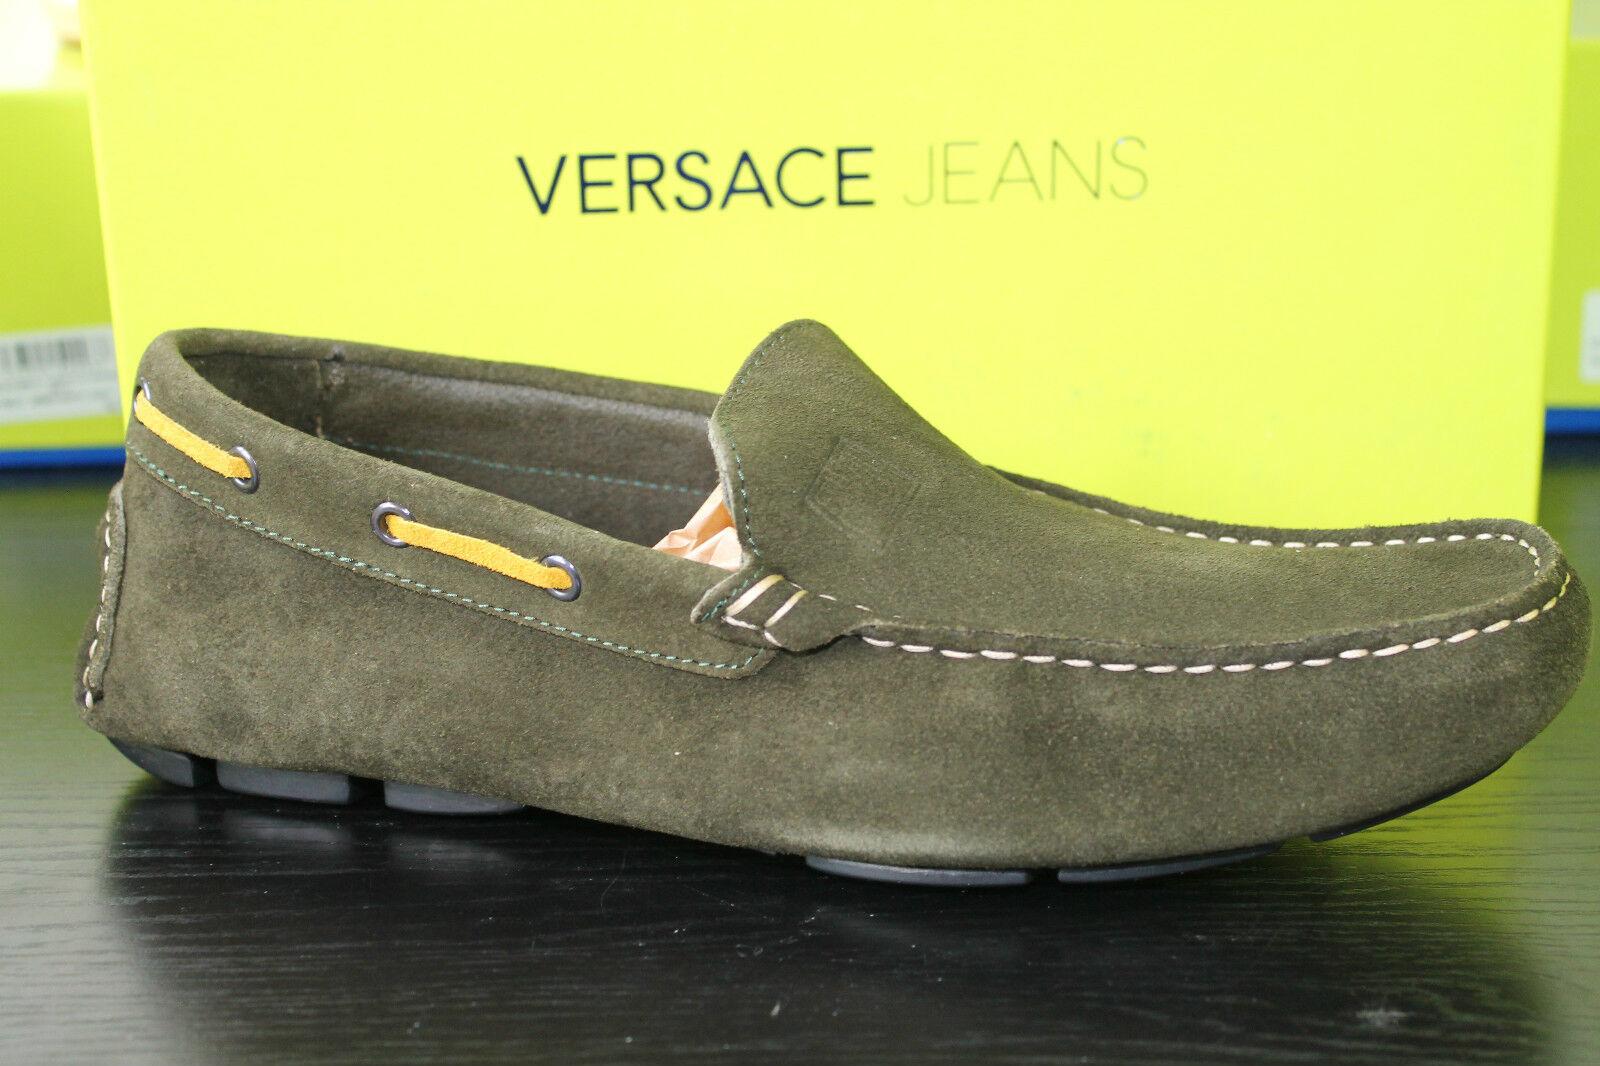 Versace Jeans Driving Shoe OLIV Wildleder Gr. 45